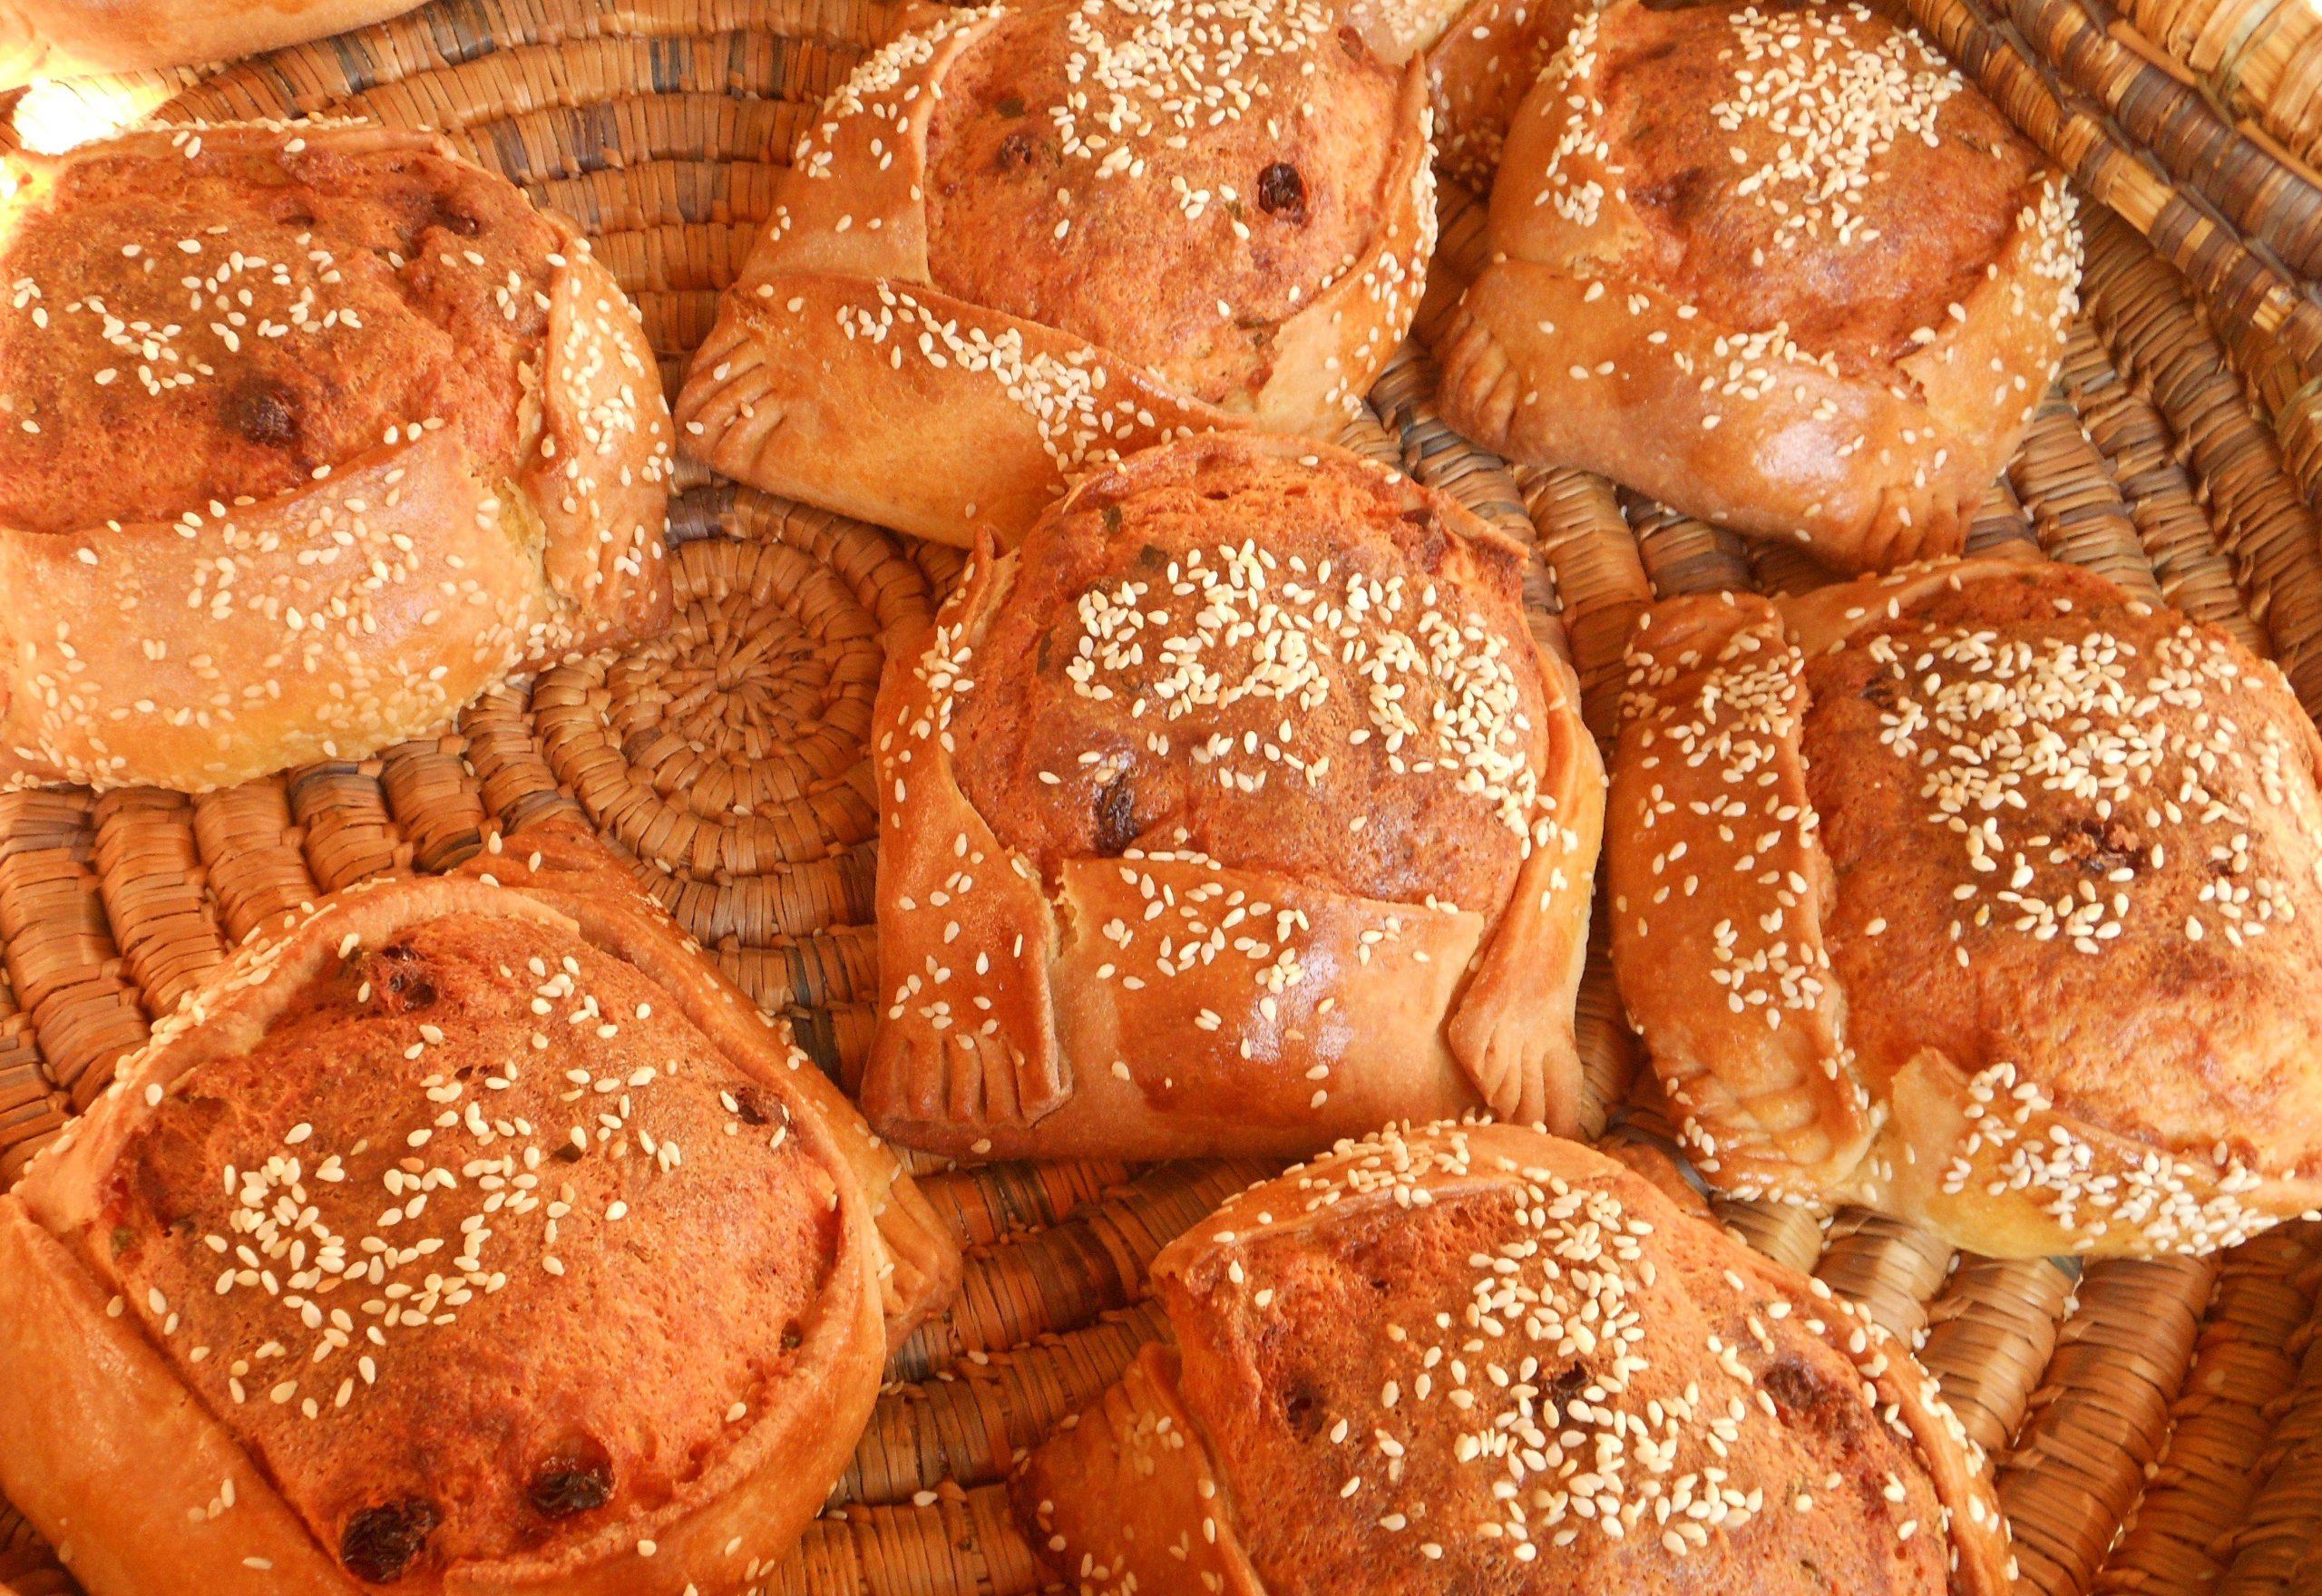 Γνωστός φούρνος της Λάρνακας φτιάχνει και φέτος νόστιμες φλαούνες